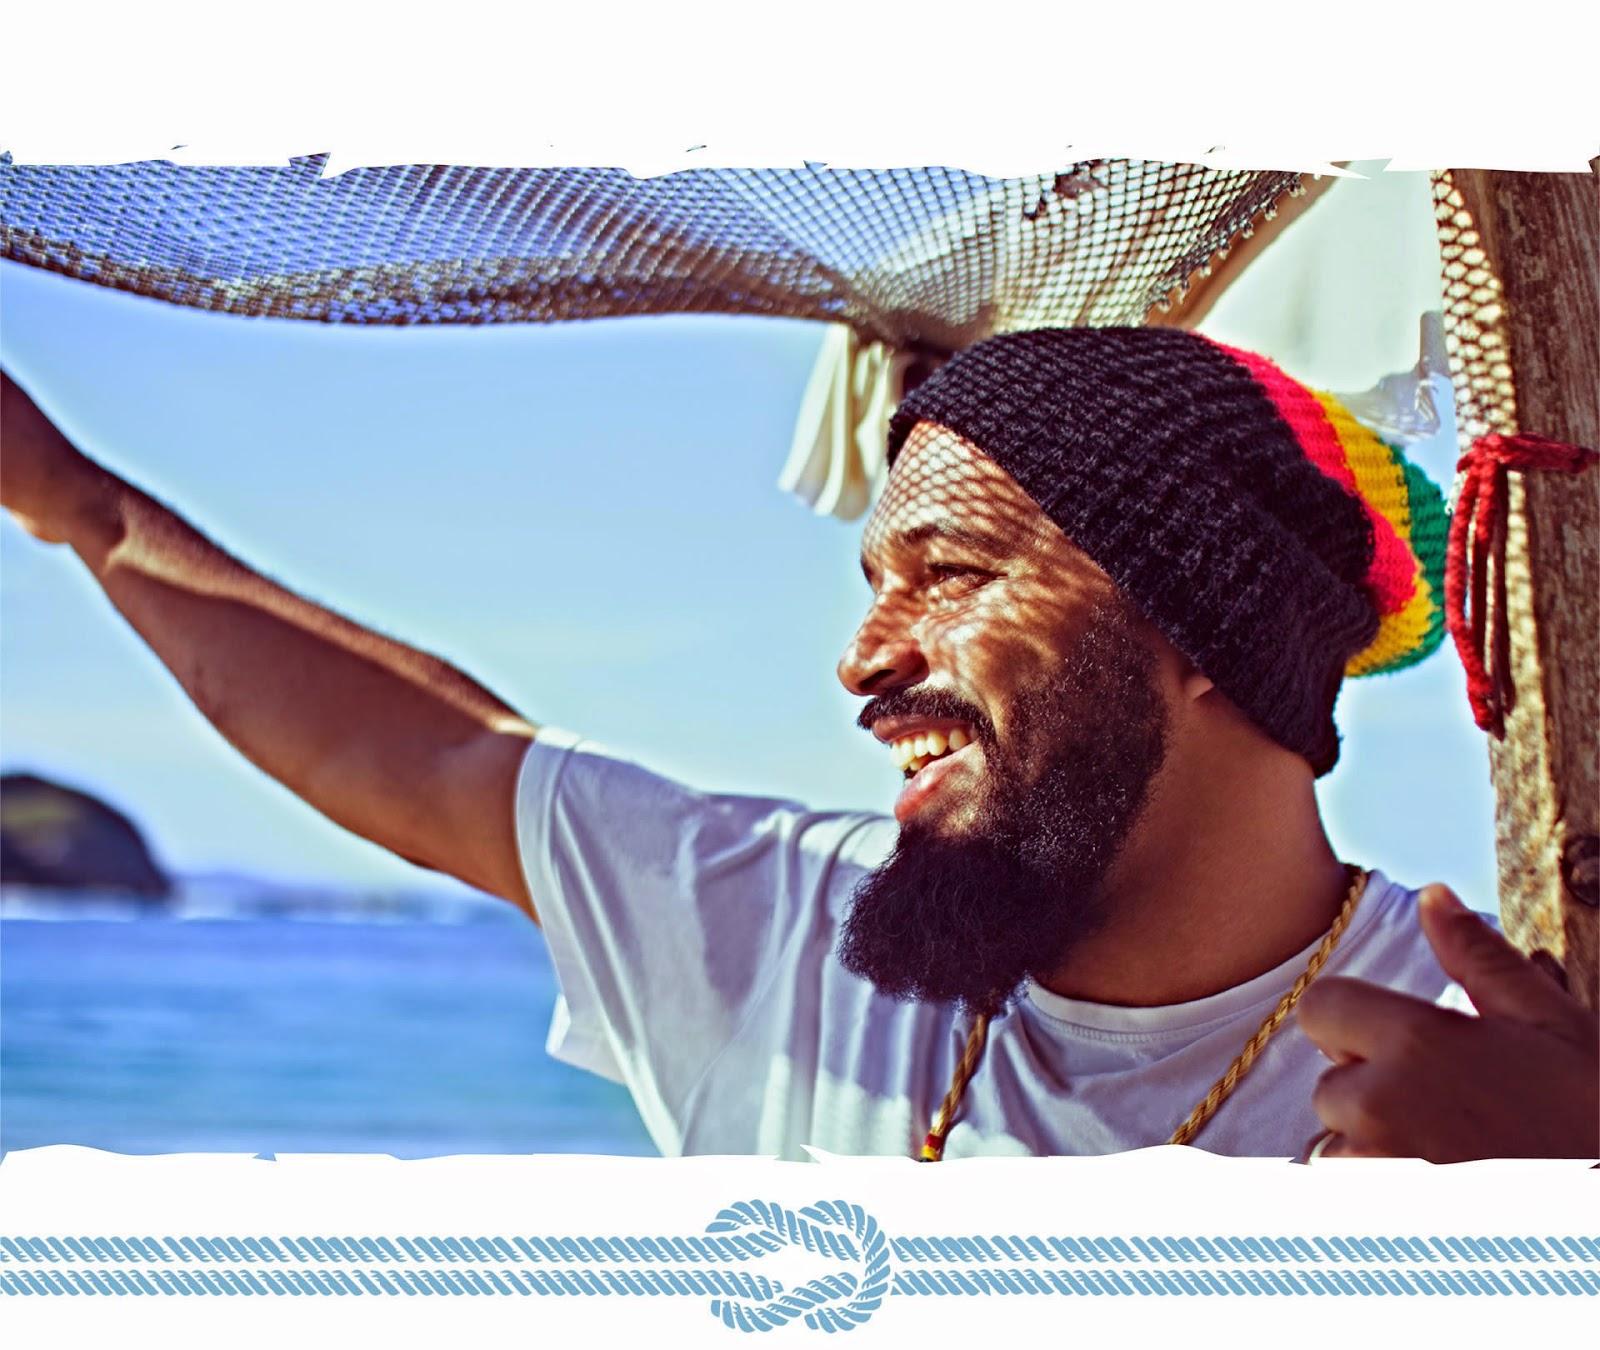 https://soundcloud.com/salomao-do-reggae/baseado-em-que-nova-versao2015